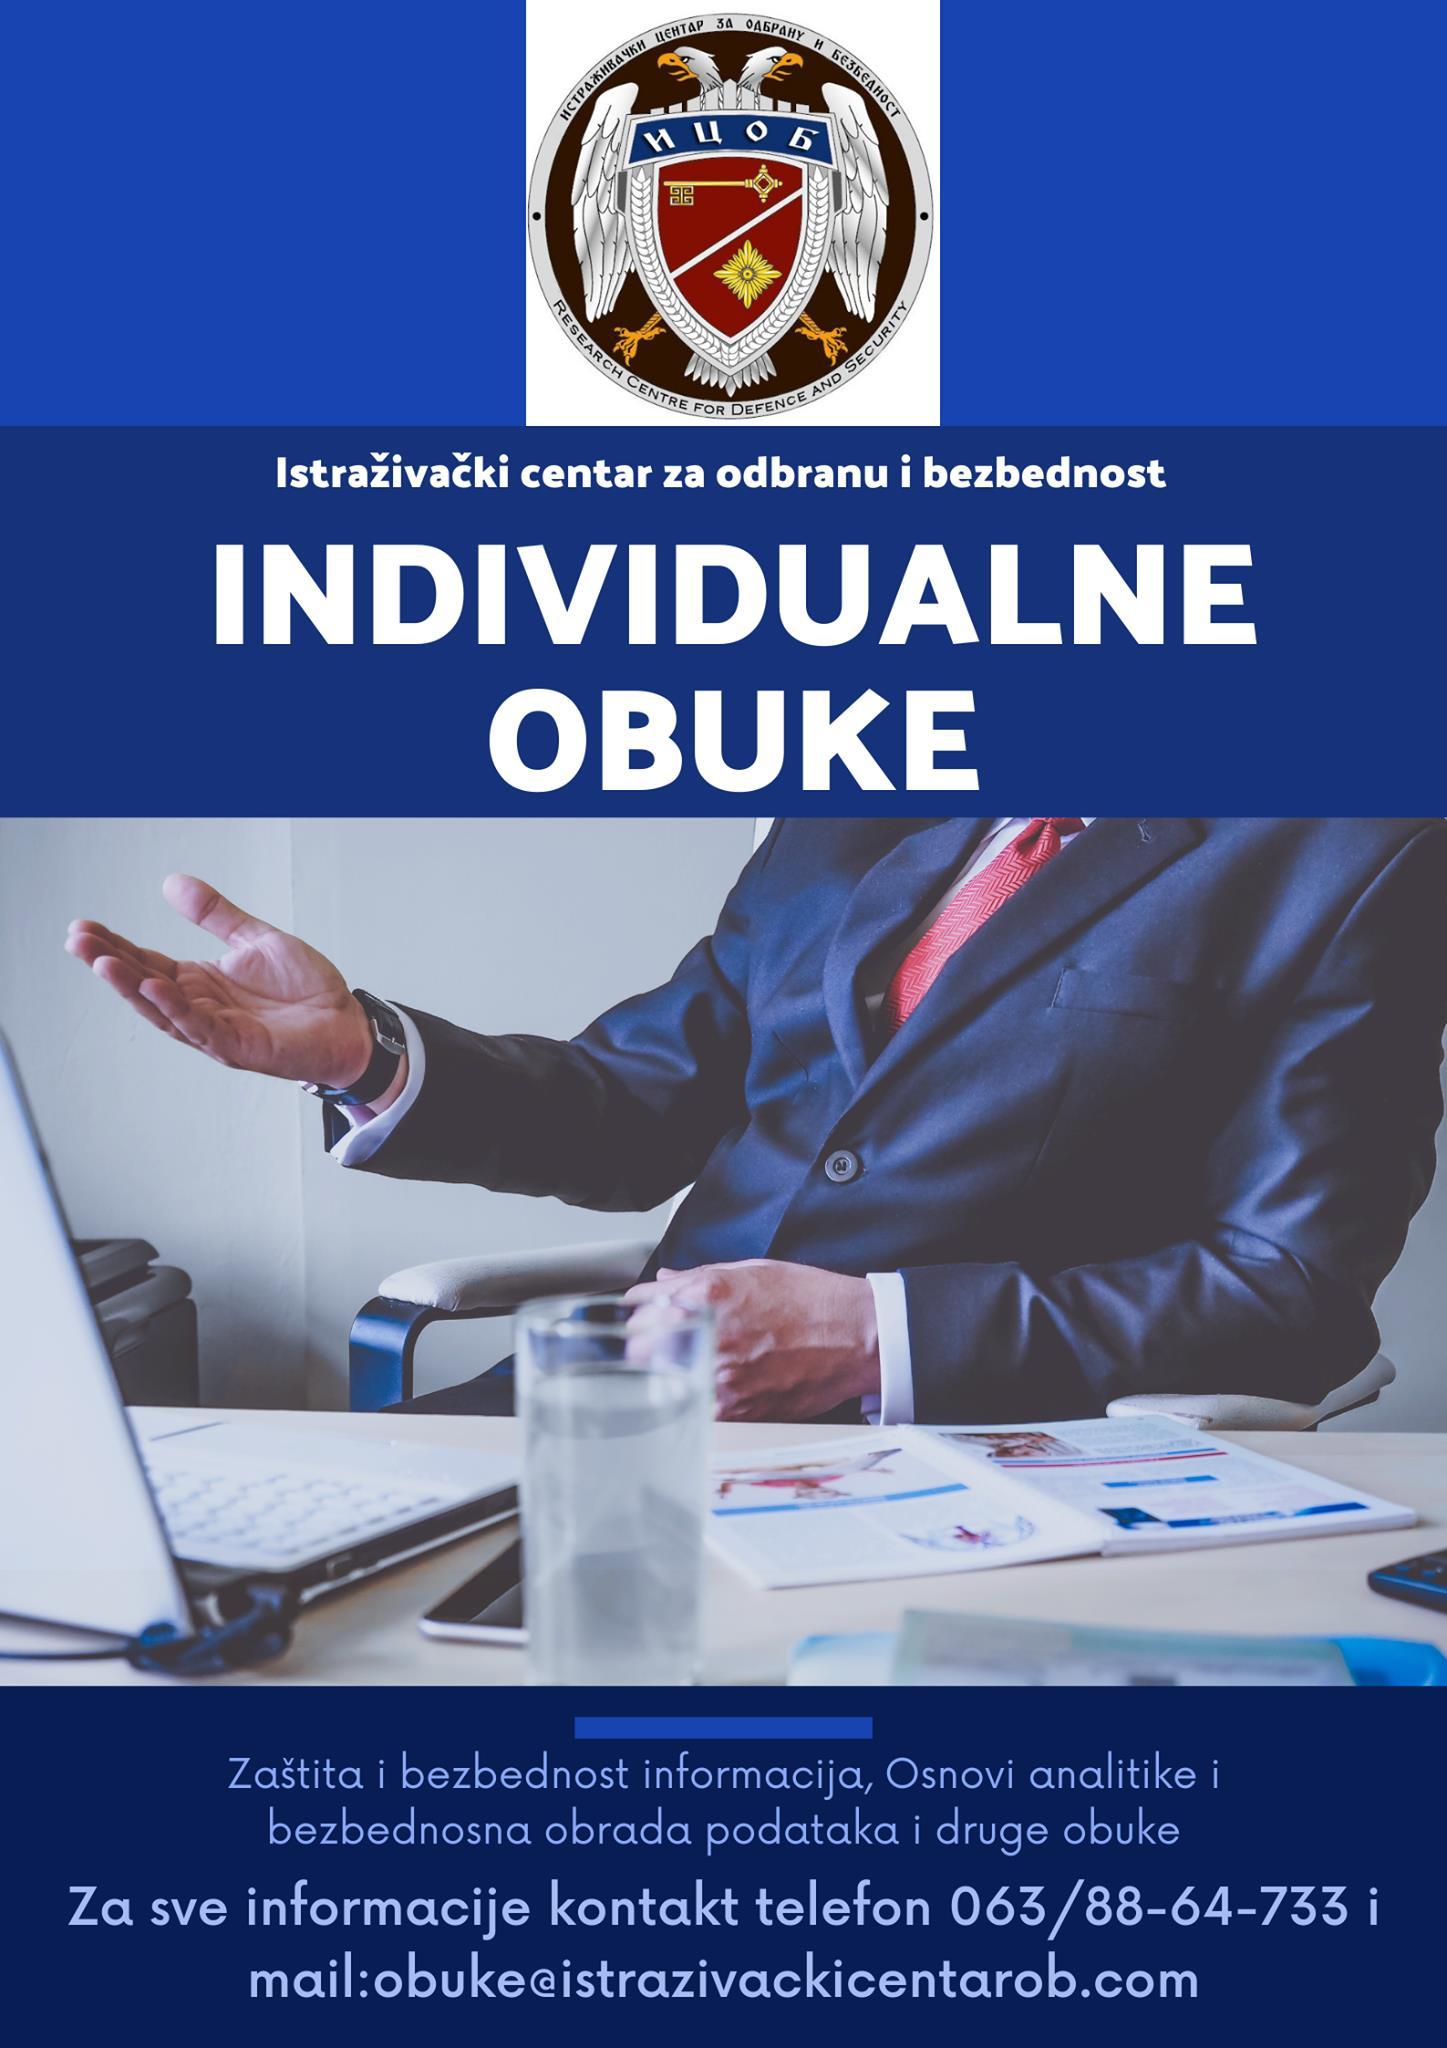 INDIVIDUALNE OBUKE